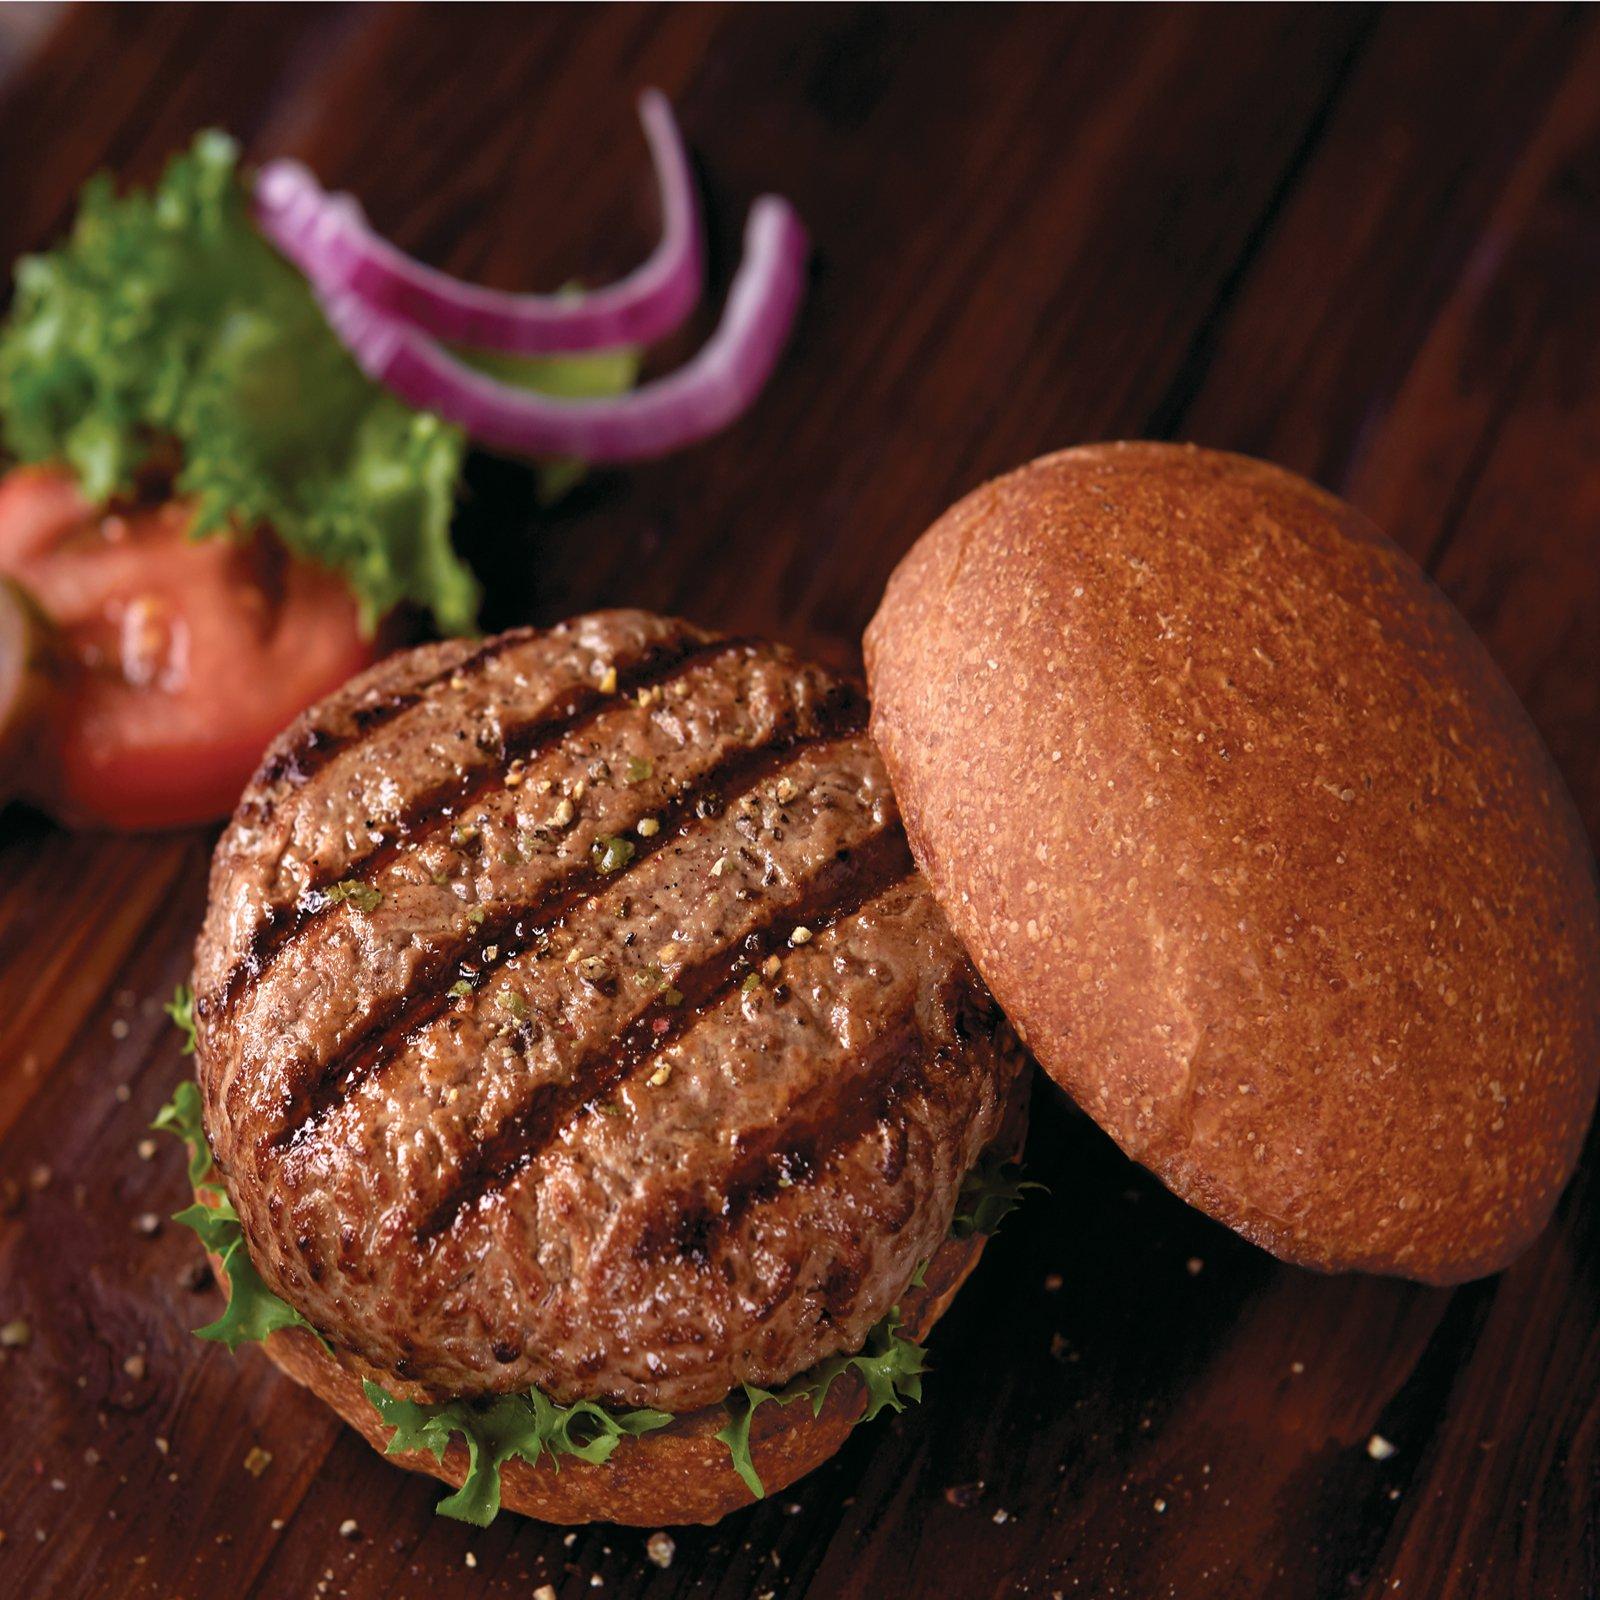 24 Grass Fed Burgers, 4 oz each